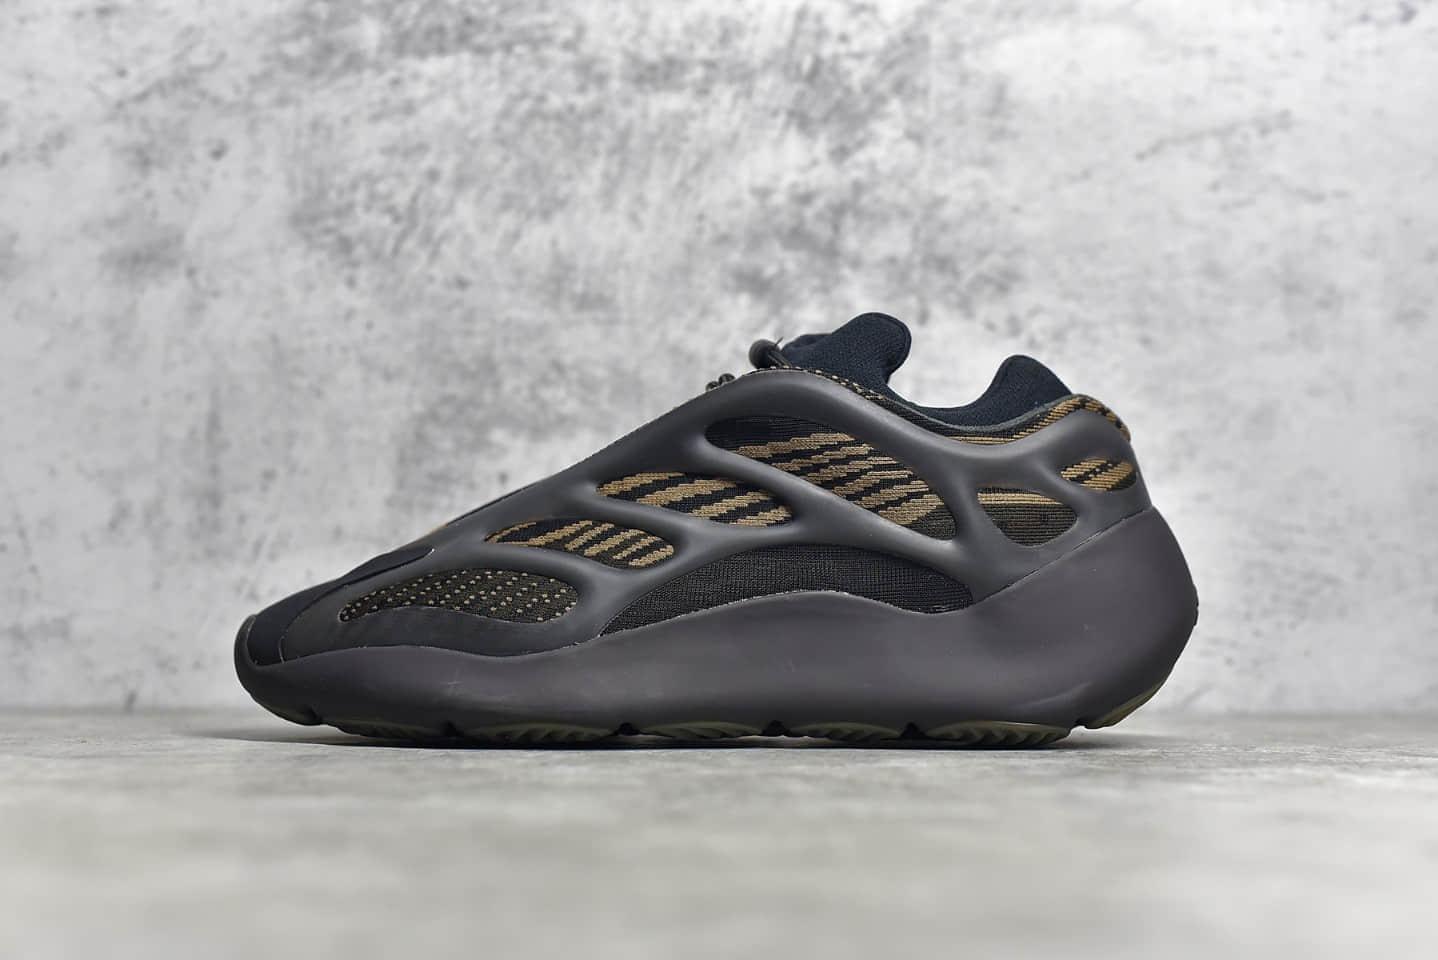 """阿迪达斯椰子700V3黑咖啡色 adidas Yeezy 700 V3 """"Eremiel"""" OG纯原版本的椰子700V3 货号:GY0189-潮流者之家"""